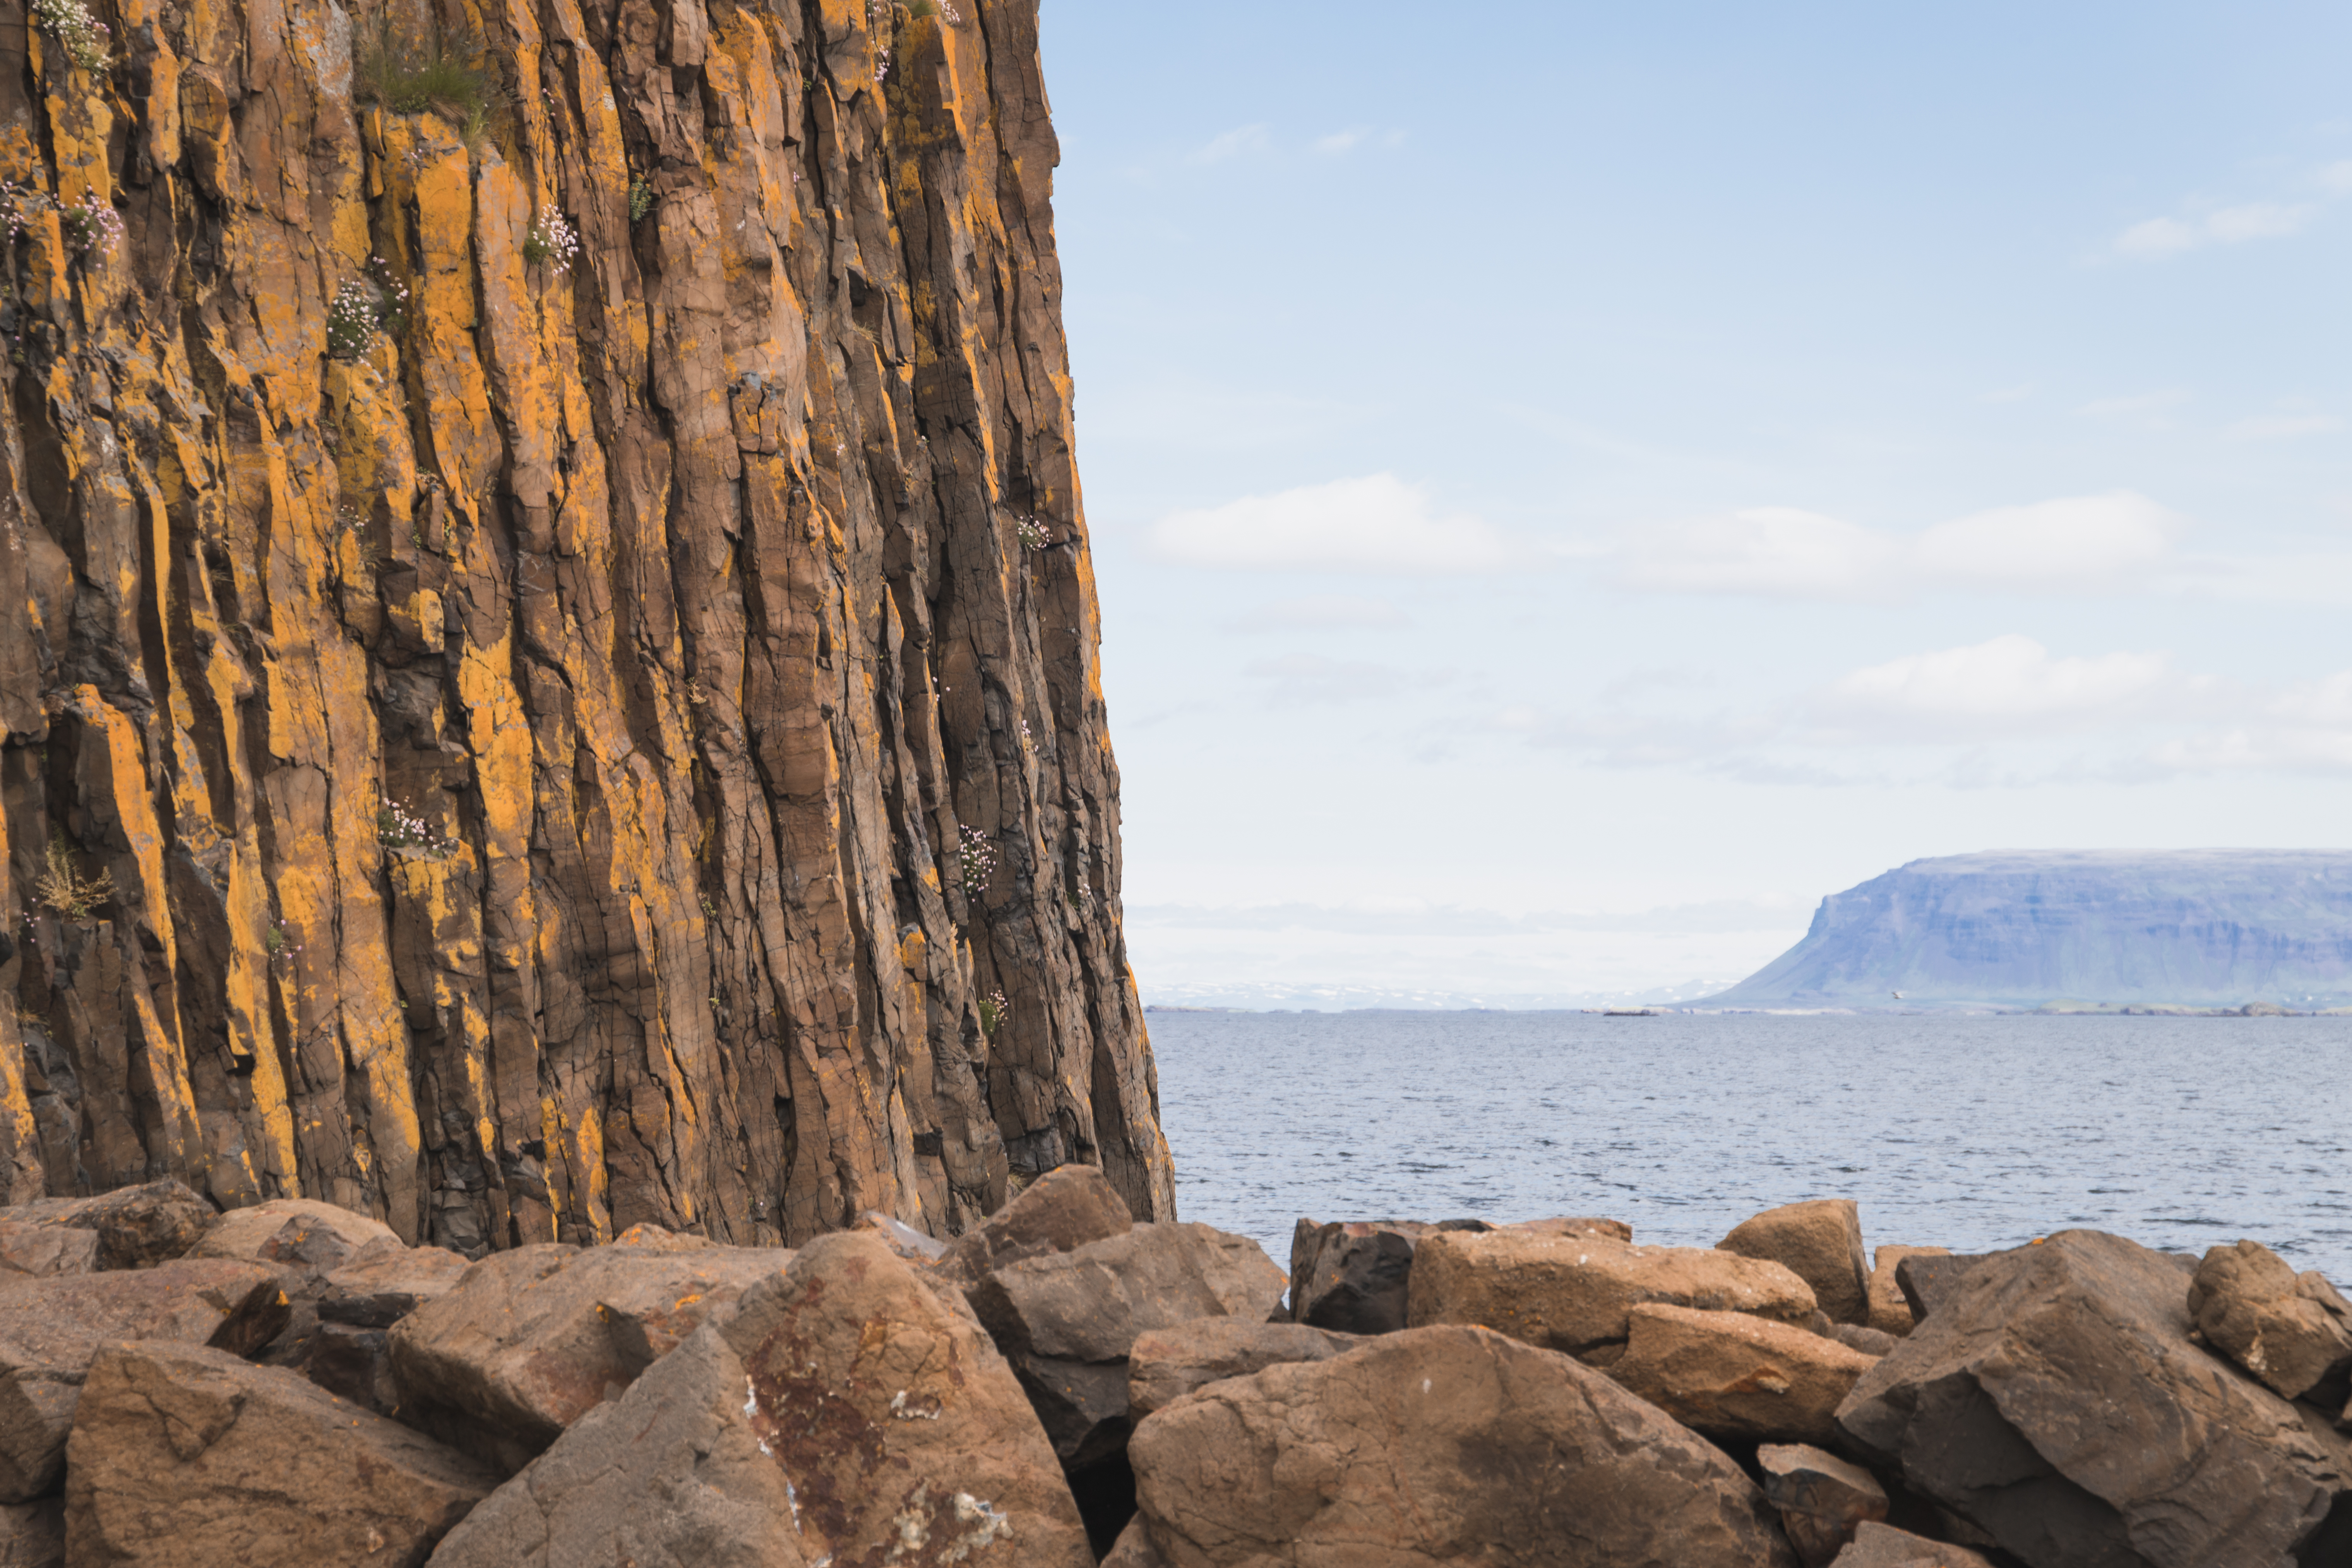 Islande | La péninsule du Snæfellsness - Stykkishólmur